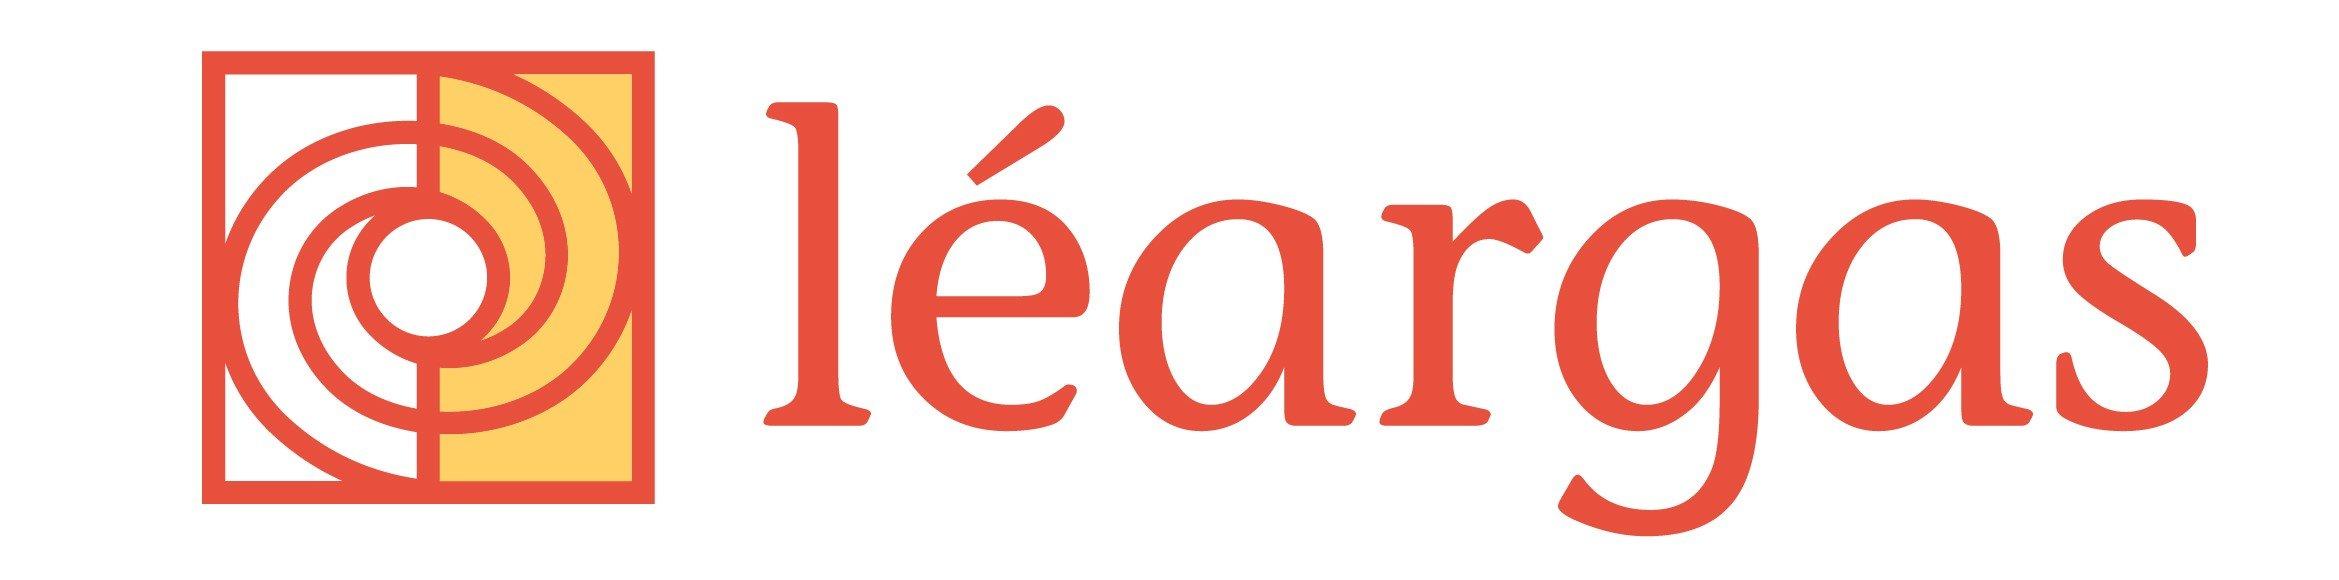 Leargas_logo_RGB_300 - Copy